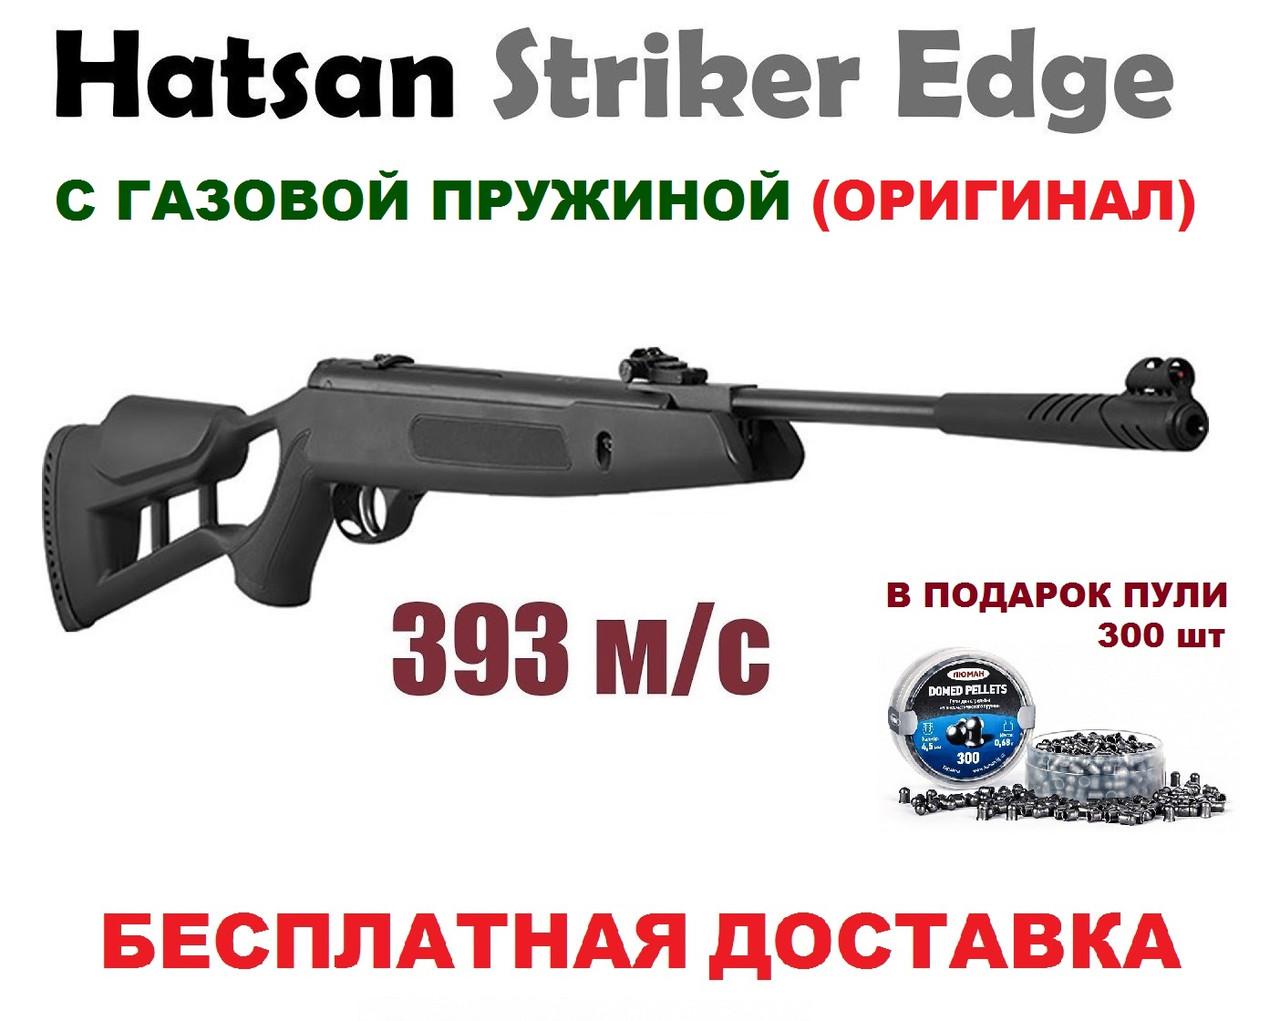 Пневматическая винтовка Hatsan Striker Edge с газовой пружиной 393 м/с, мощная воздушка хатсан страйкер эдж